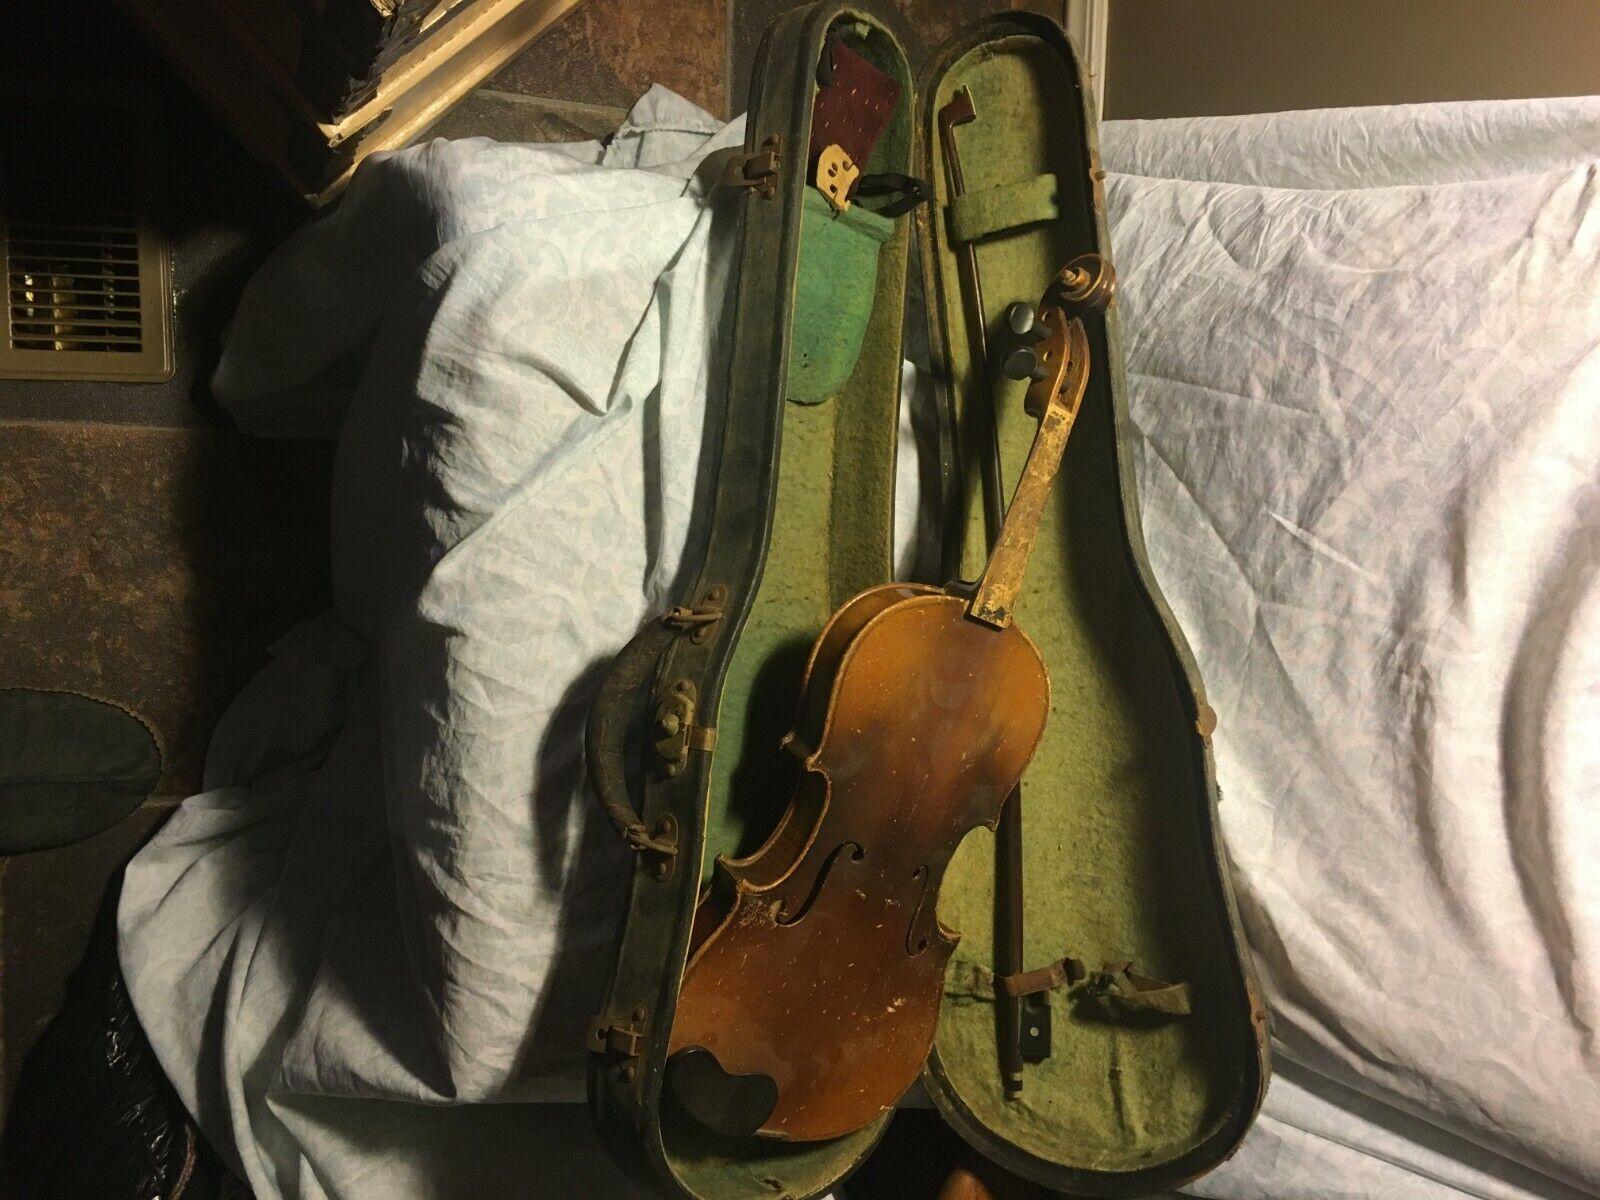 Vintage Violin - $159.00